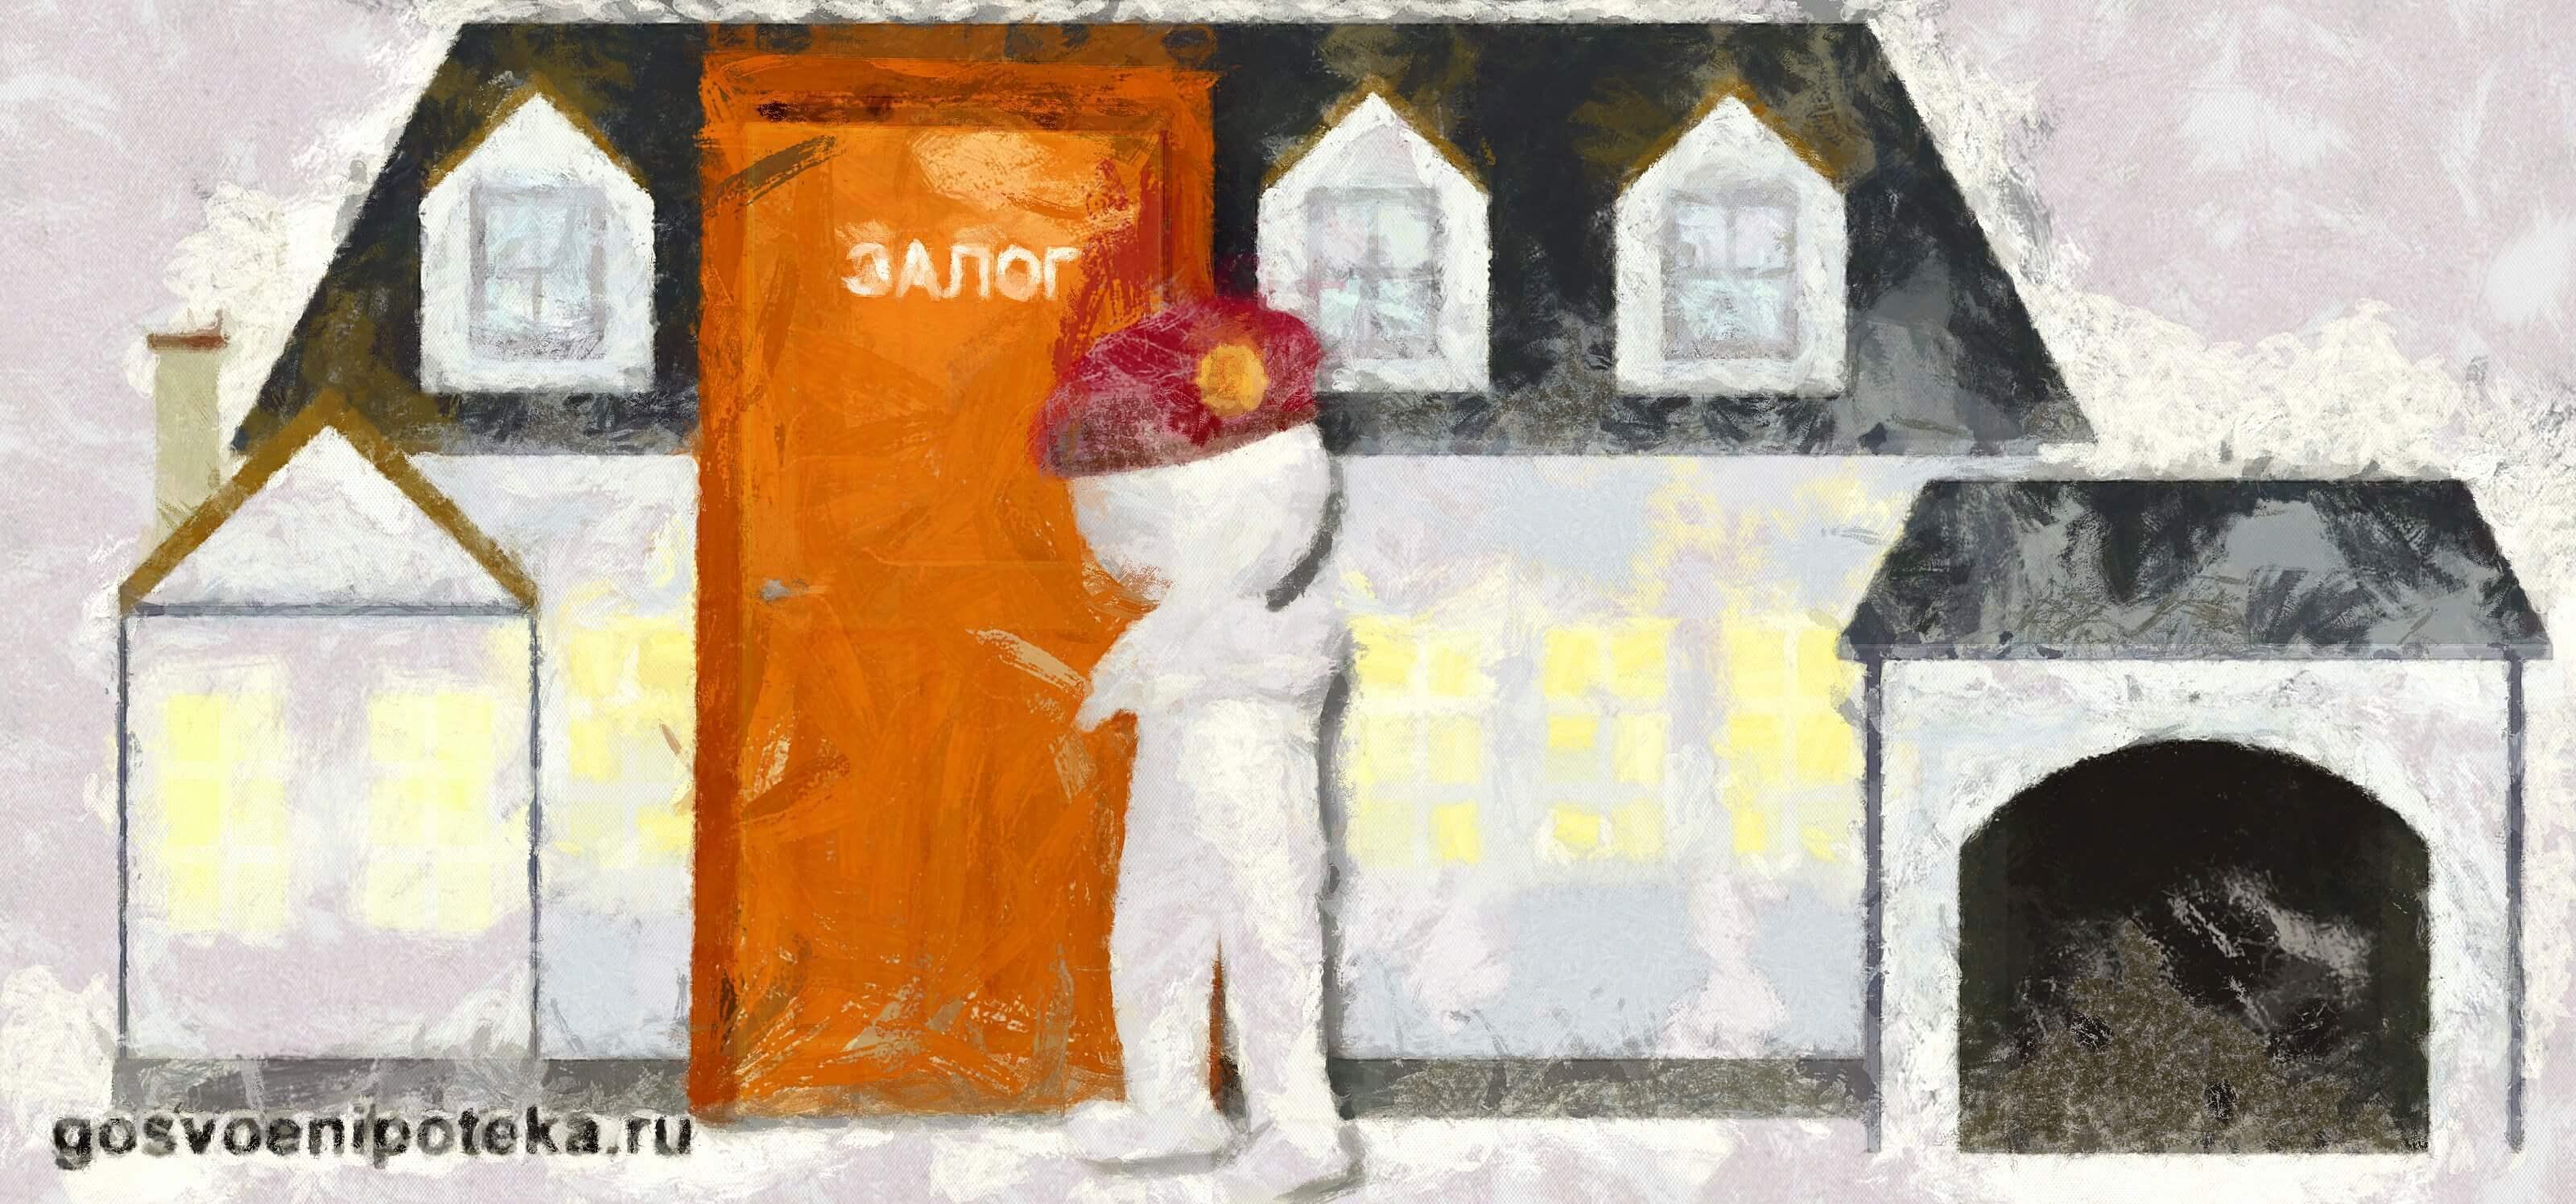 Какую недвижимость можно оформить в ипотеку?